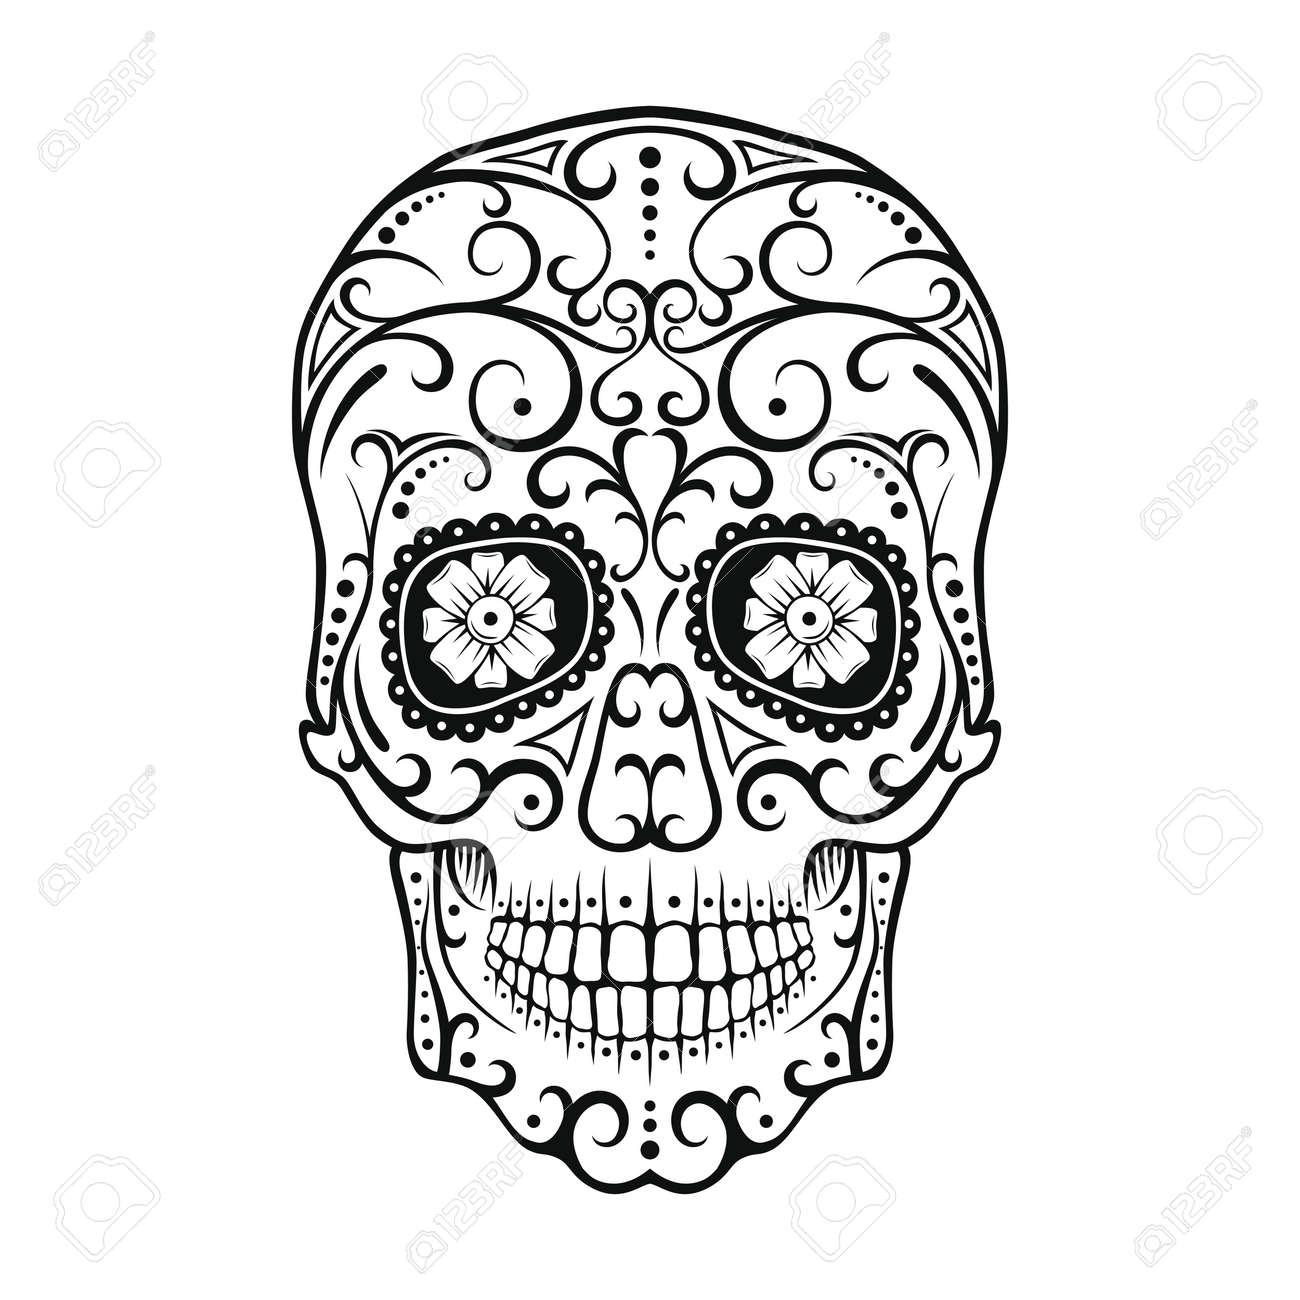 Blanco Y Negro Del Tatuaje Cráneo Día De Todos Los Muertos Cráneo